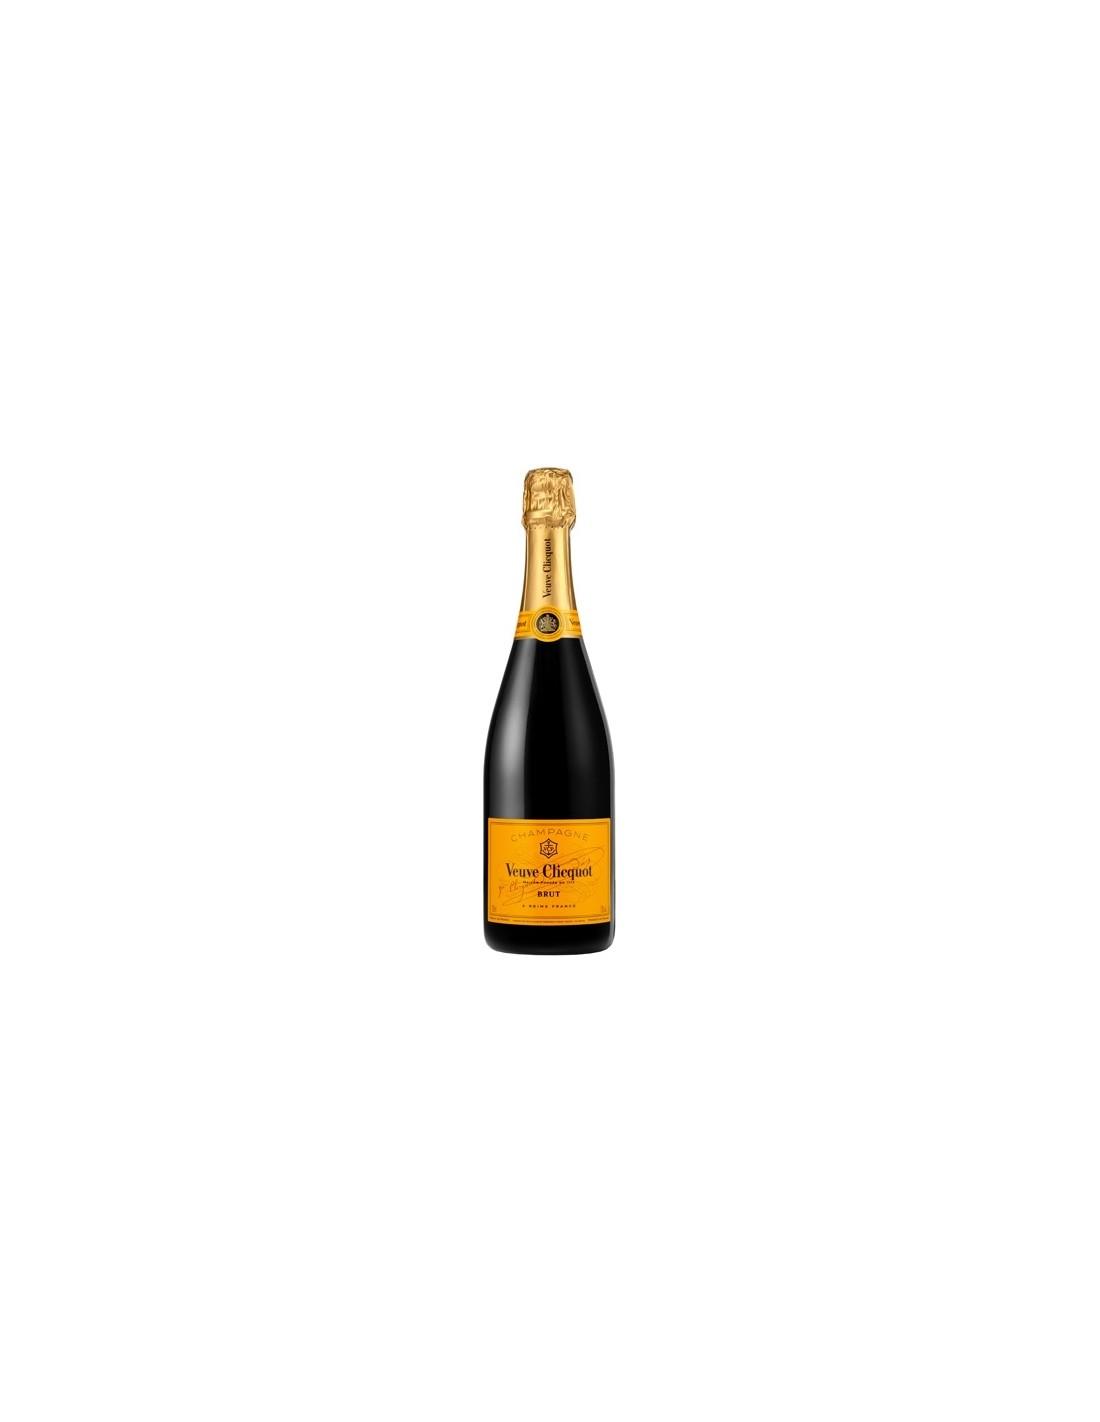 Sampanie, Veuve Clicquot Arrow Champagne, 0.75L, 12% alc., Franta